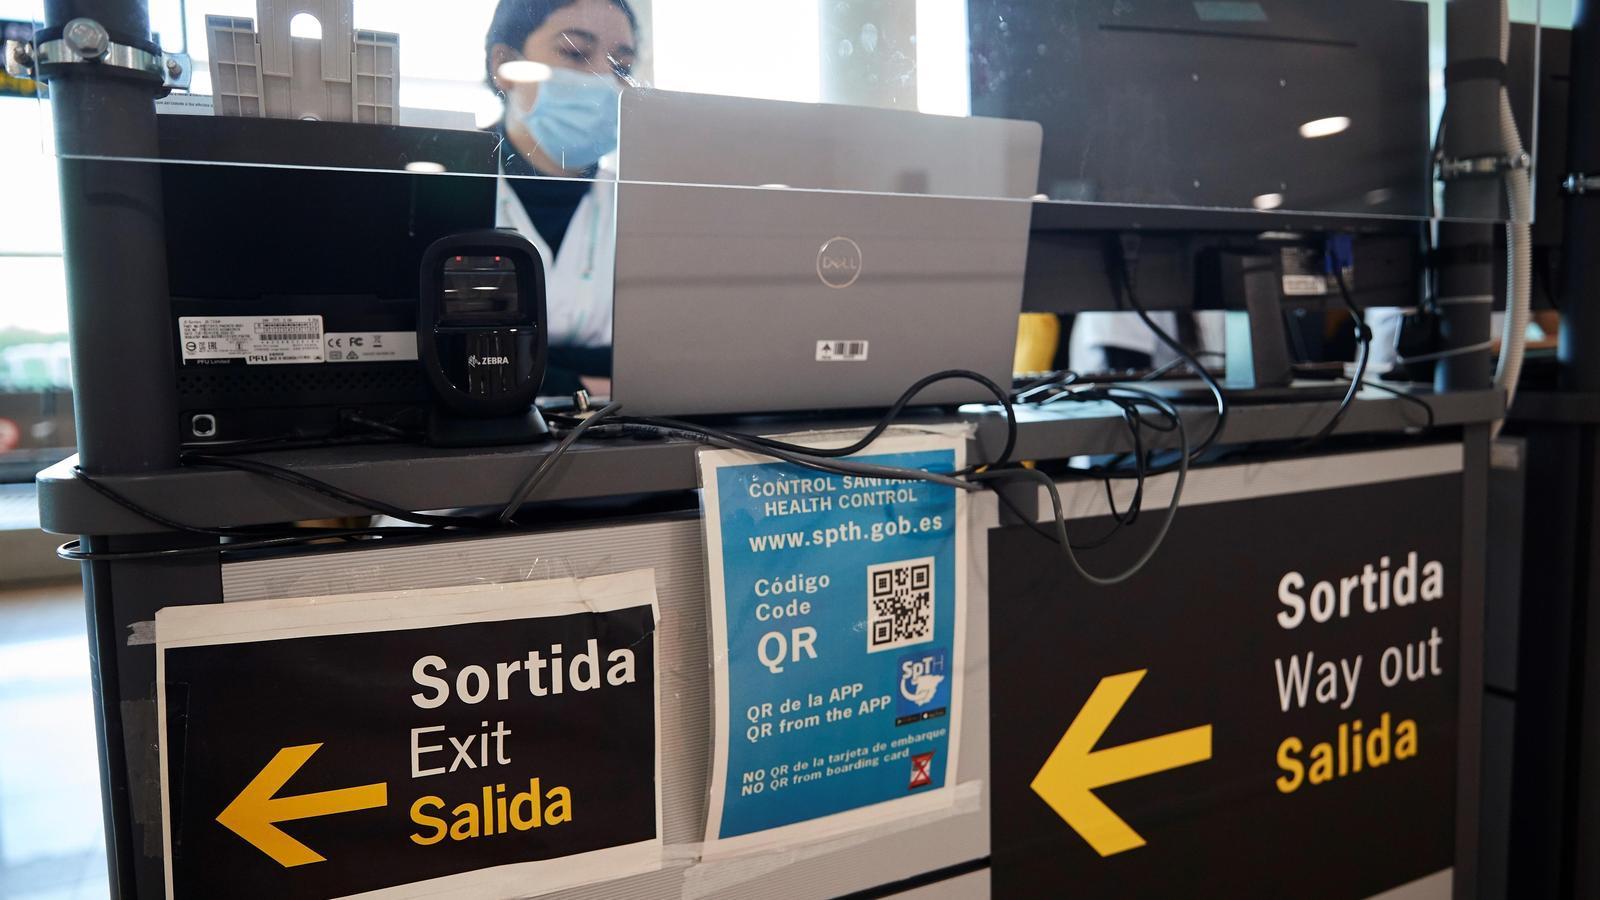 Un dels mostradors on es fa el control sanitari a l'aeroport del Prat